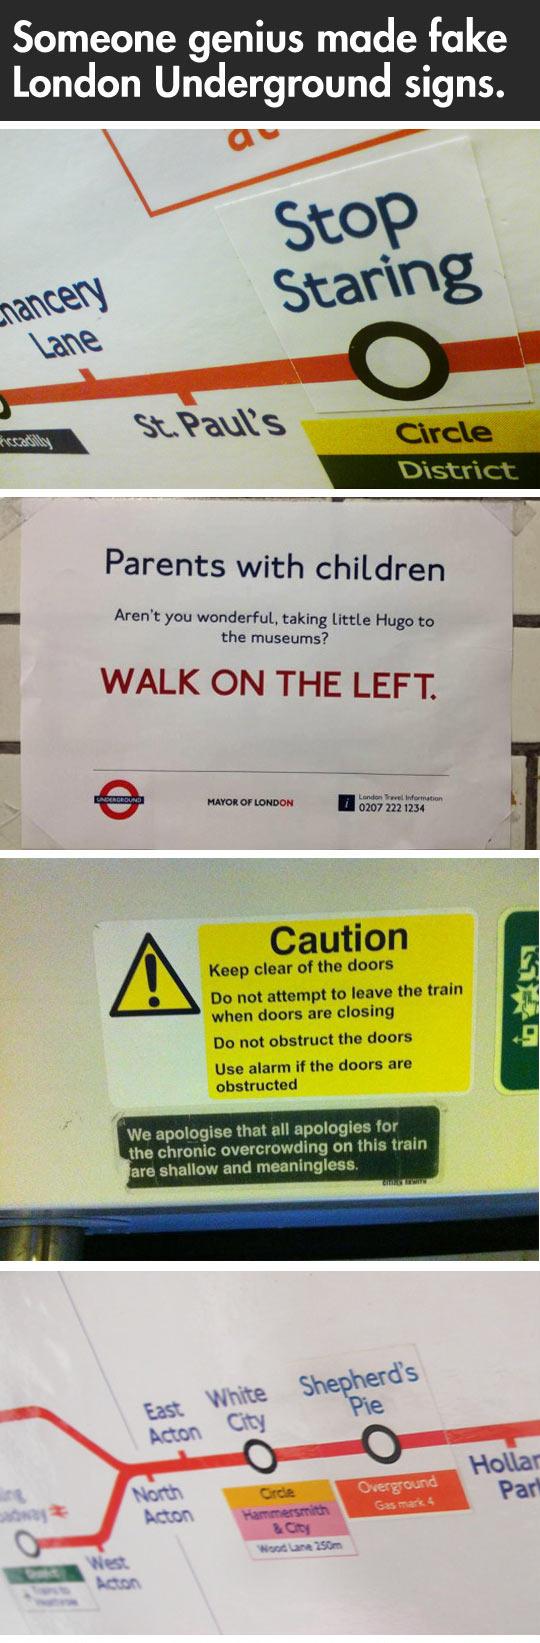 Fake London Underground signs...